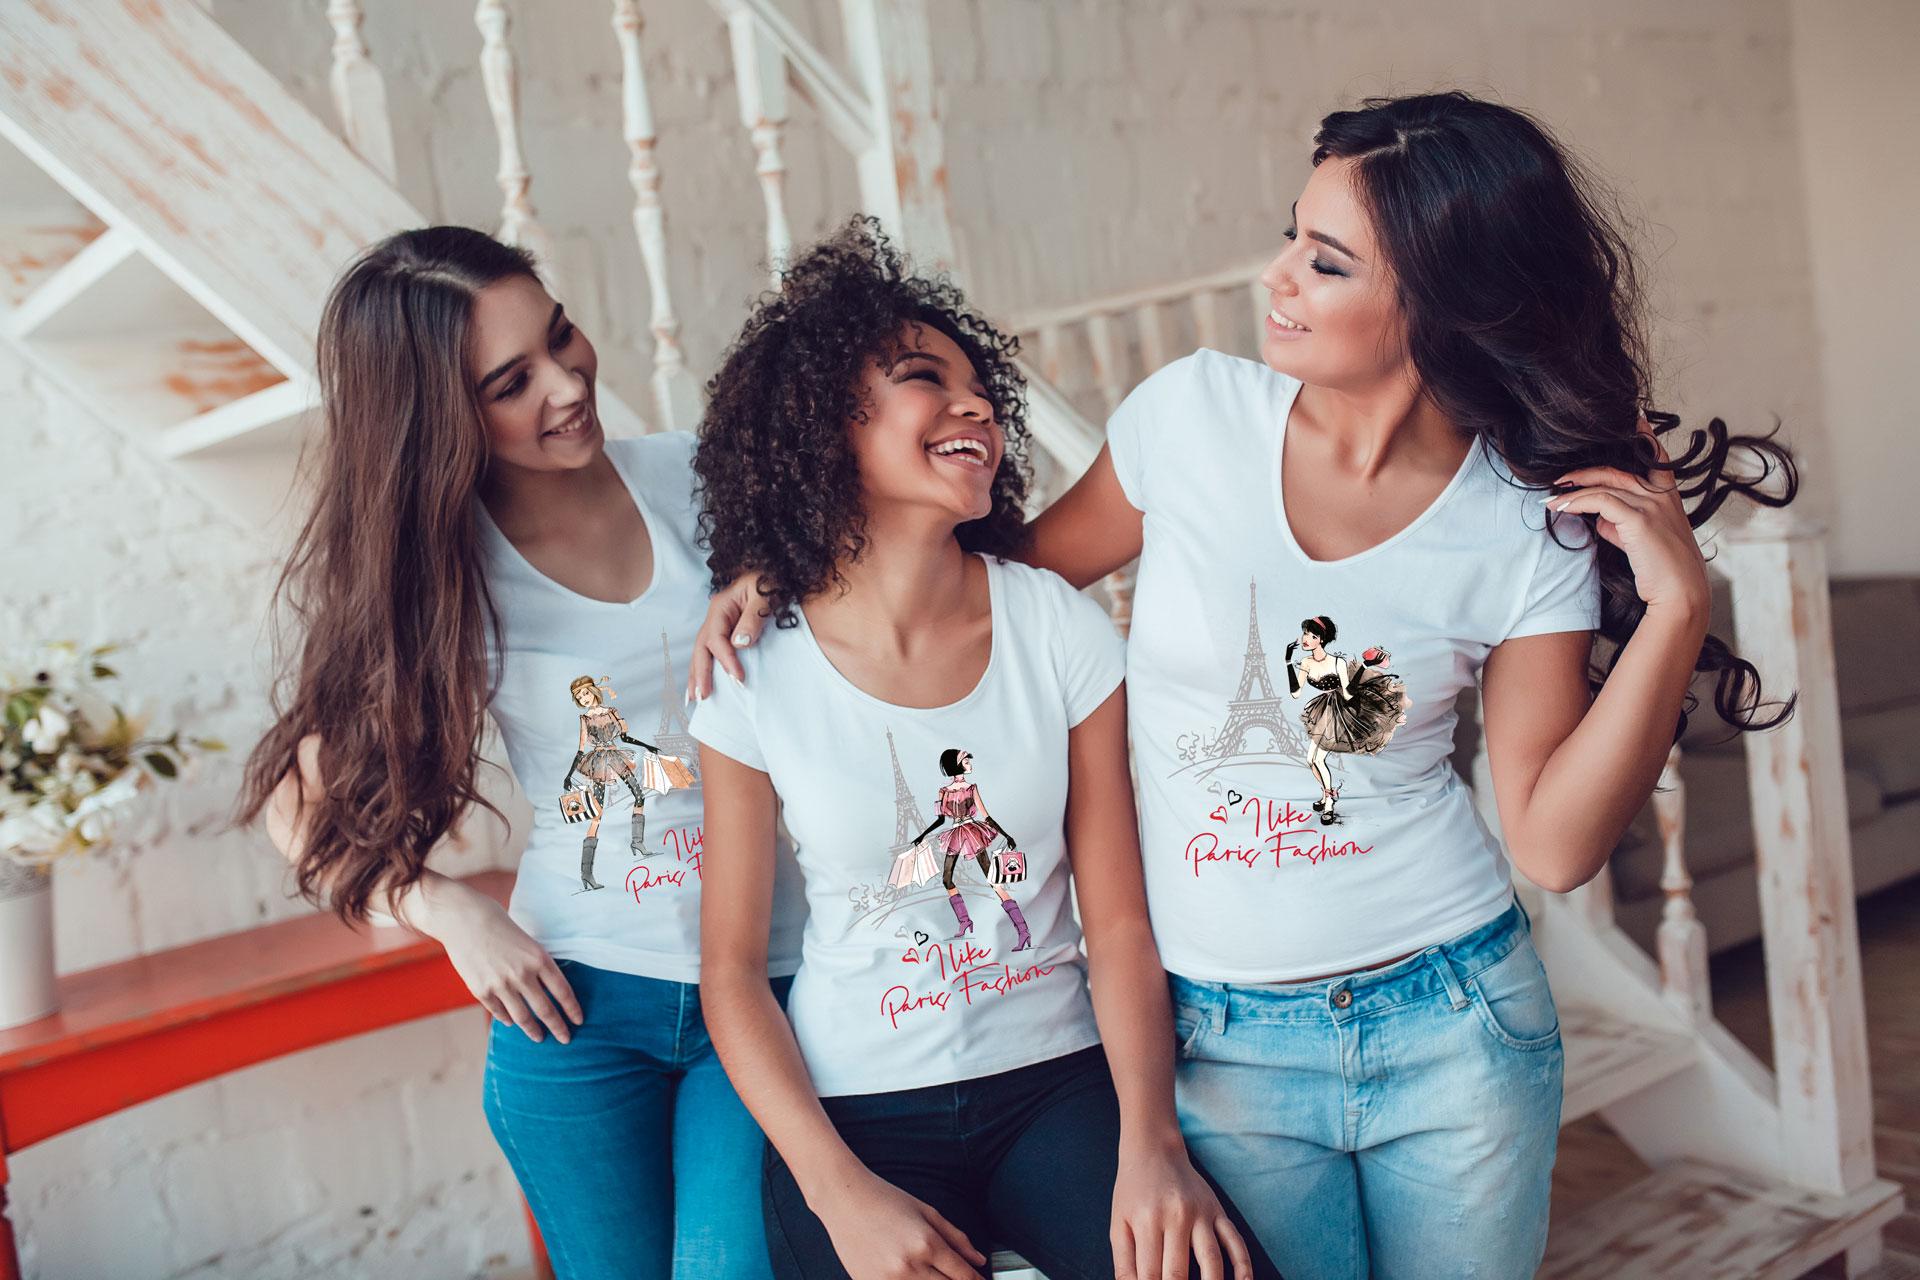 les t-shirts et sweat-shirts court très en vogue actuellement sont disponible en 5 tailles et 5 couleurs